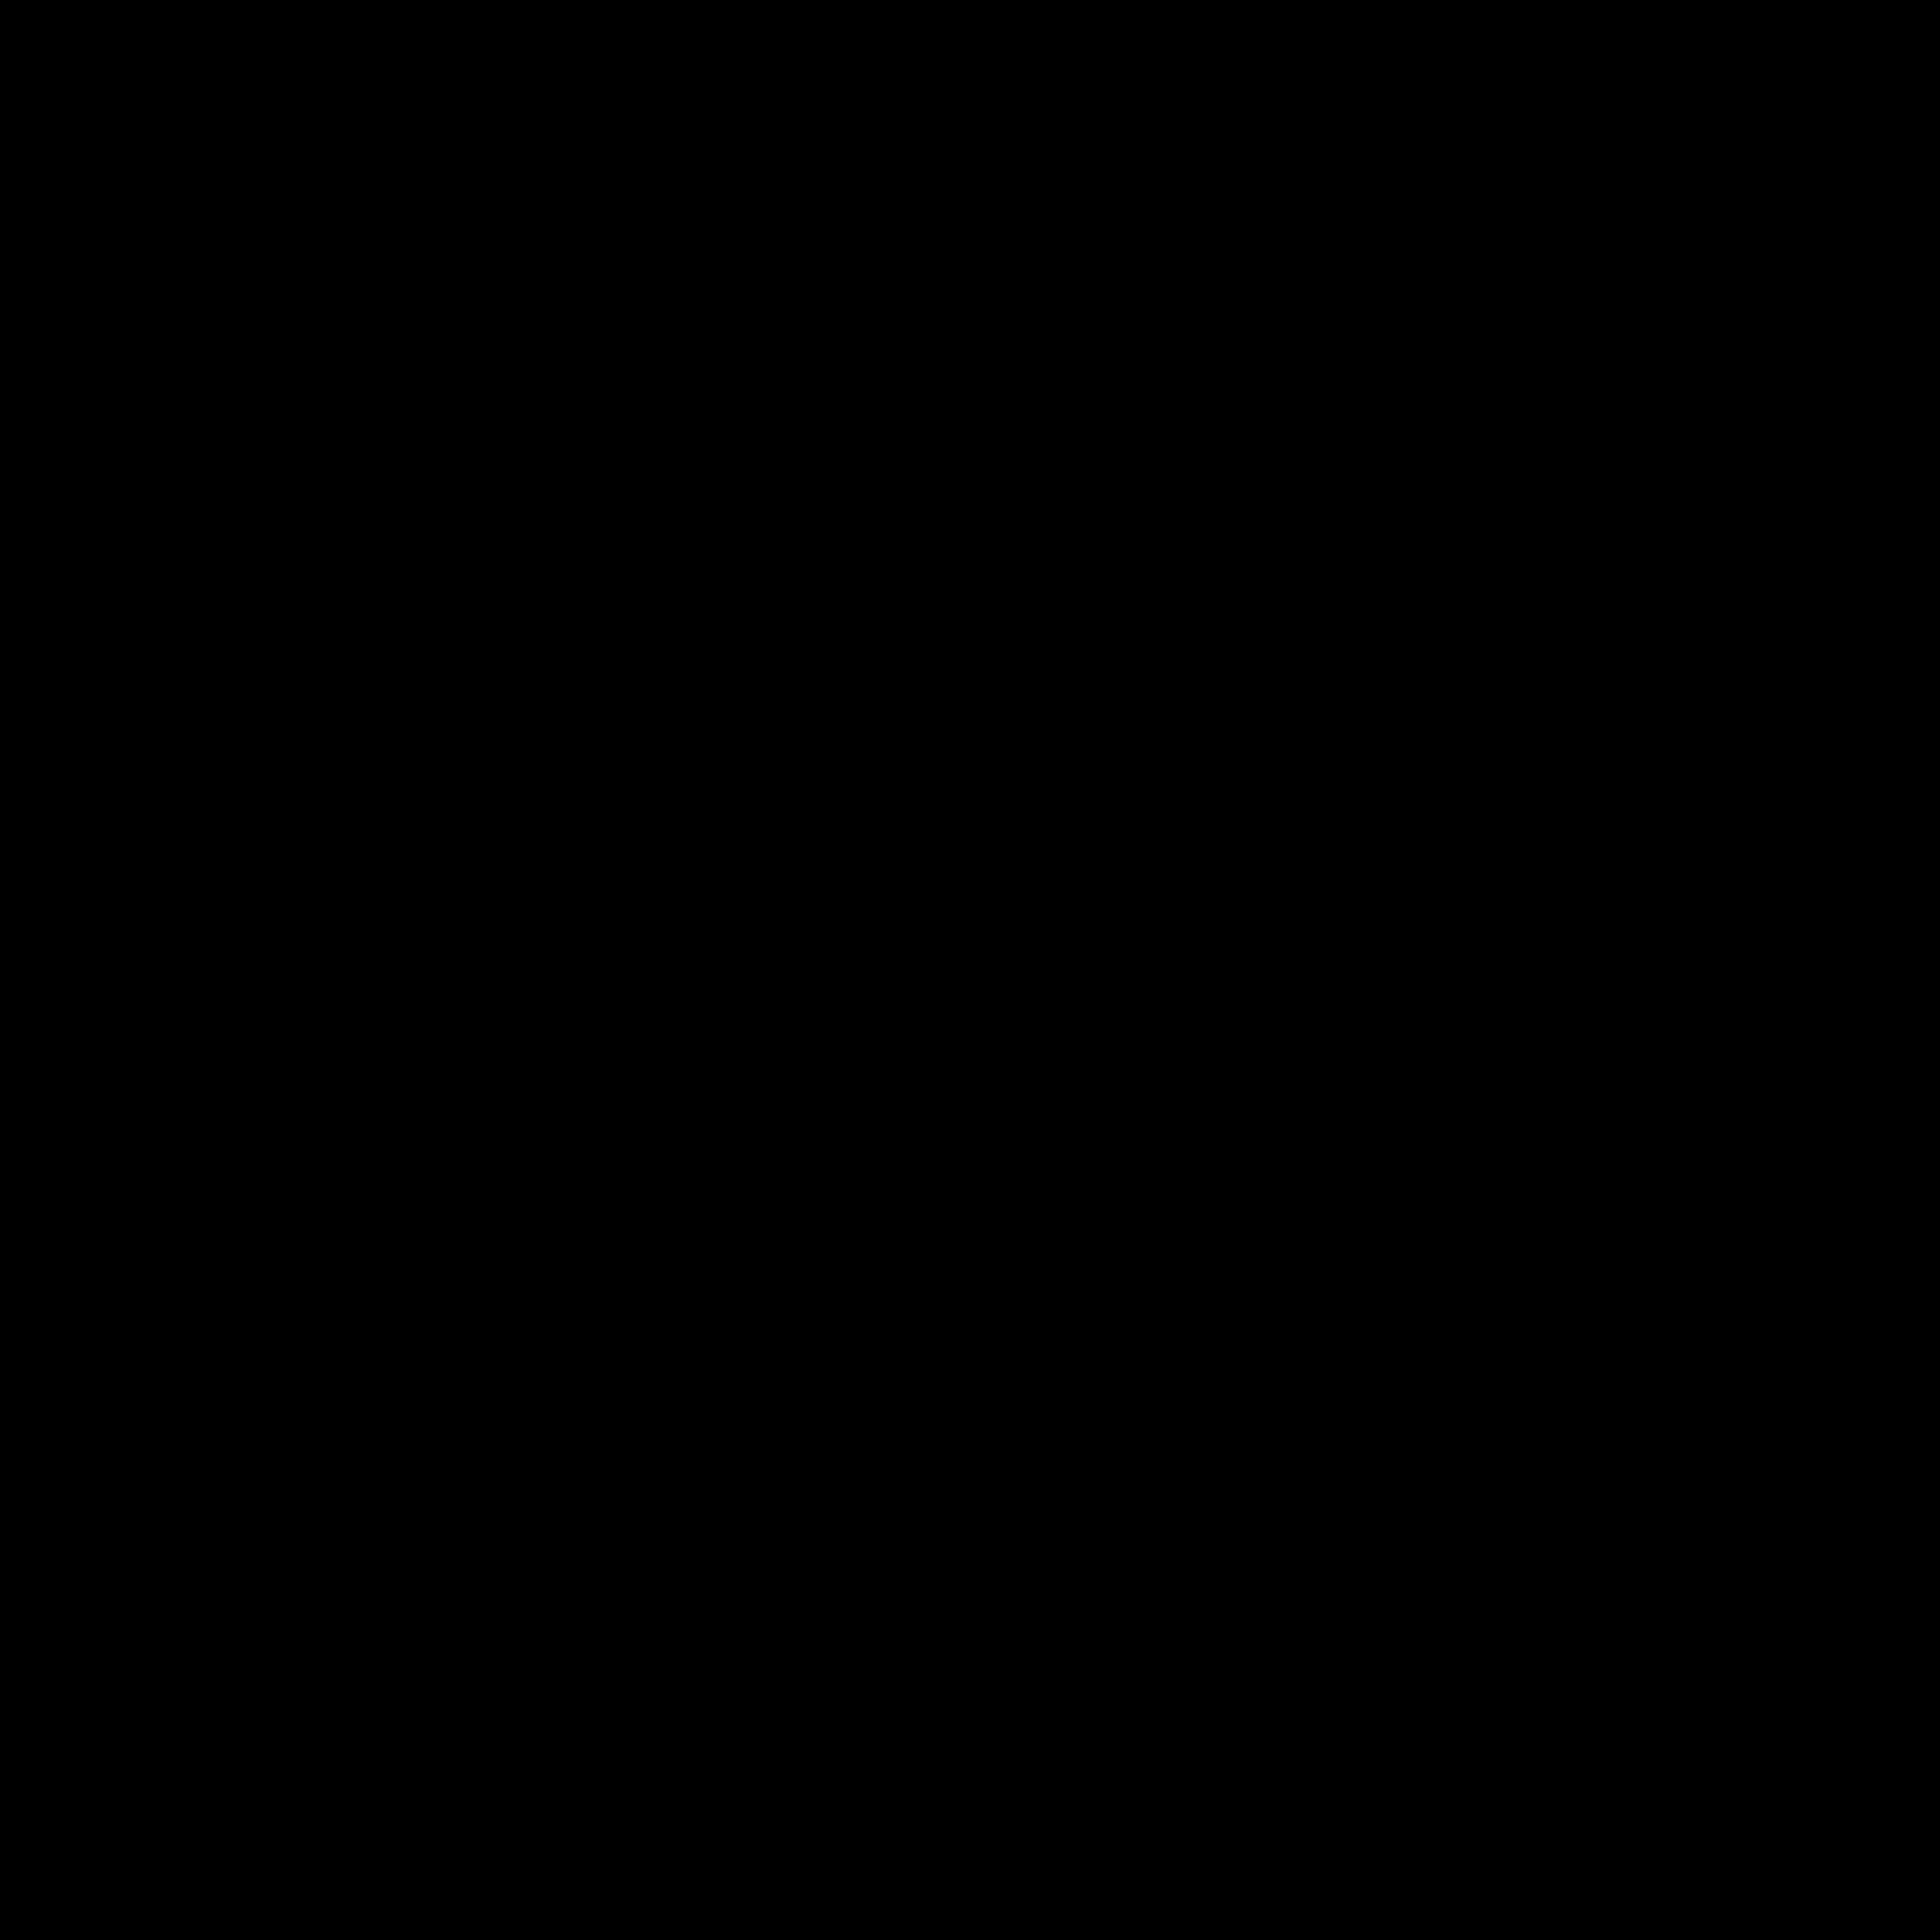 05A0501 Pasta set 2pcs